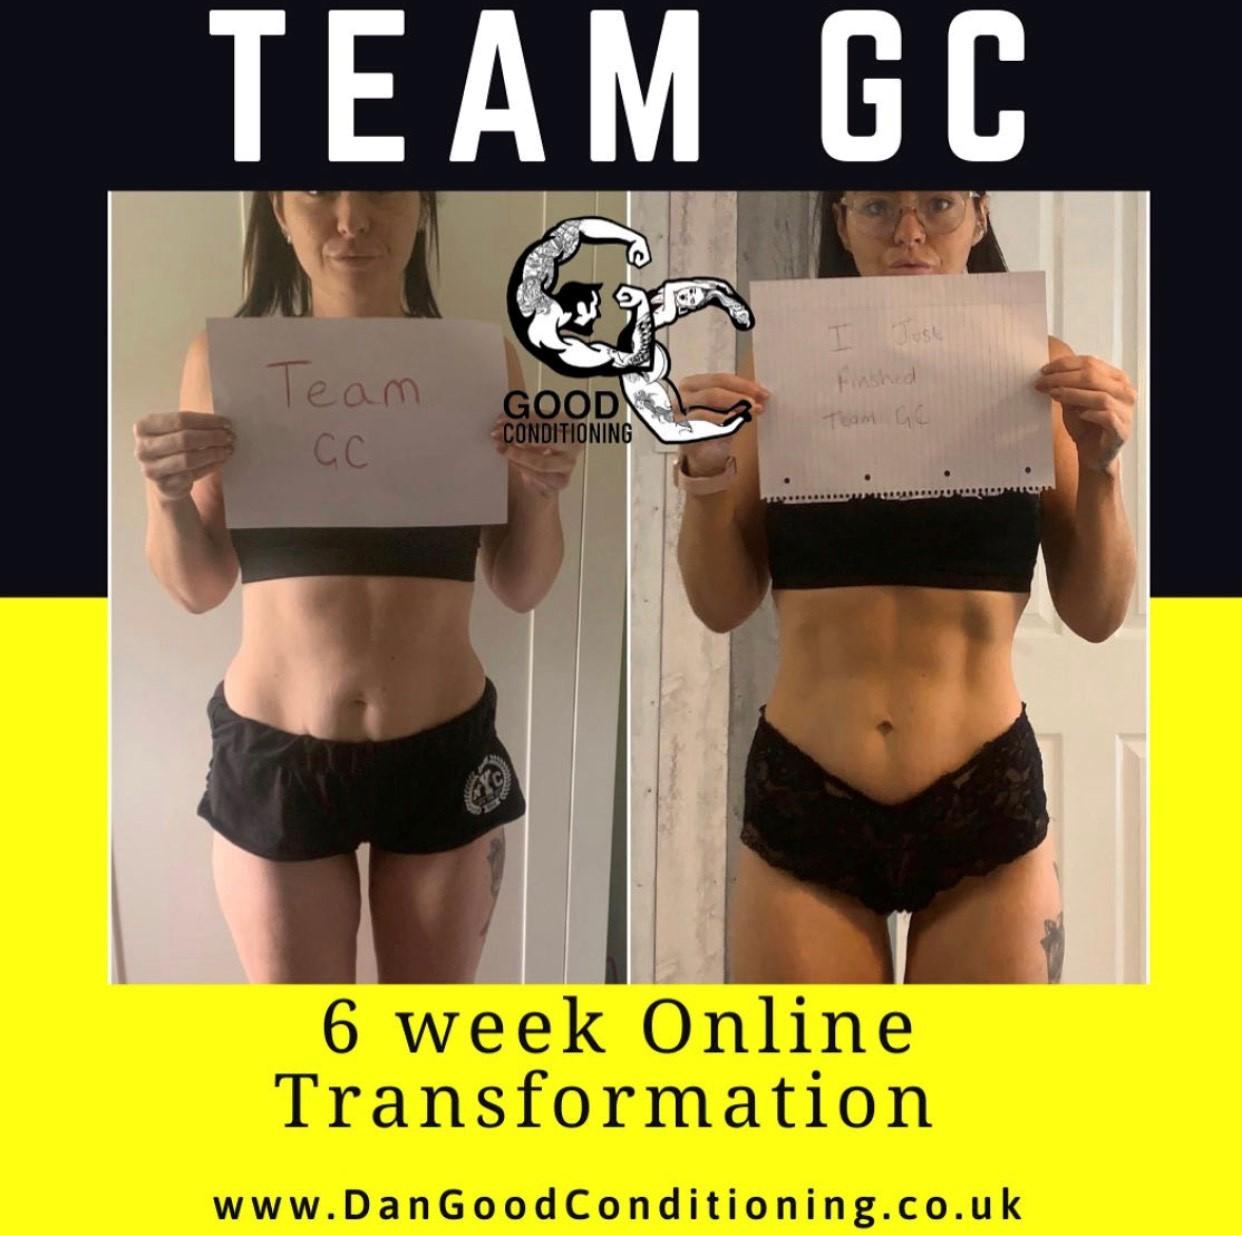 Becca Russell - Team GC Member